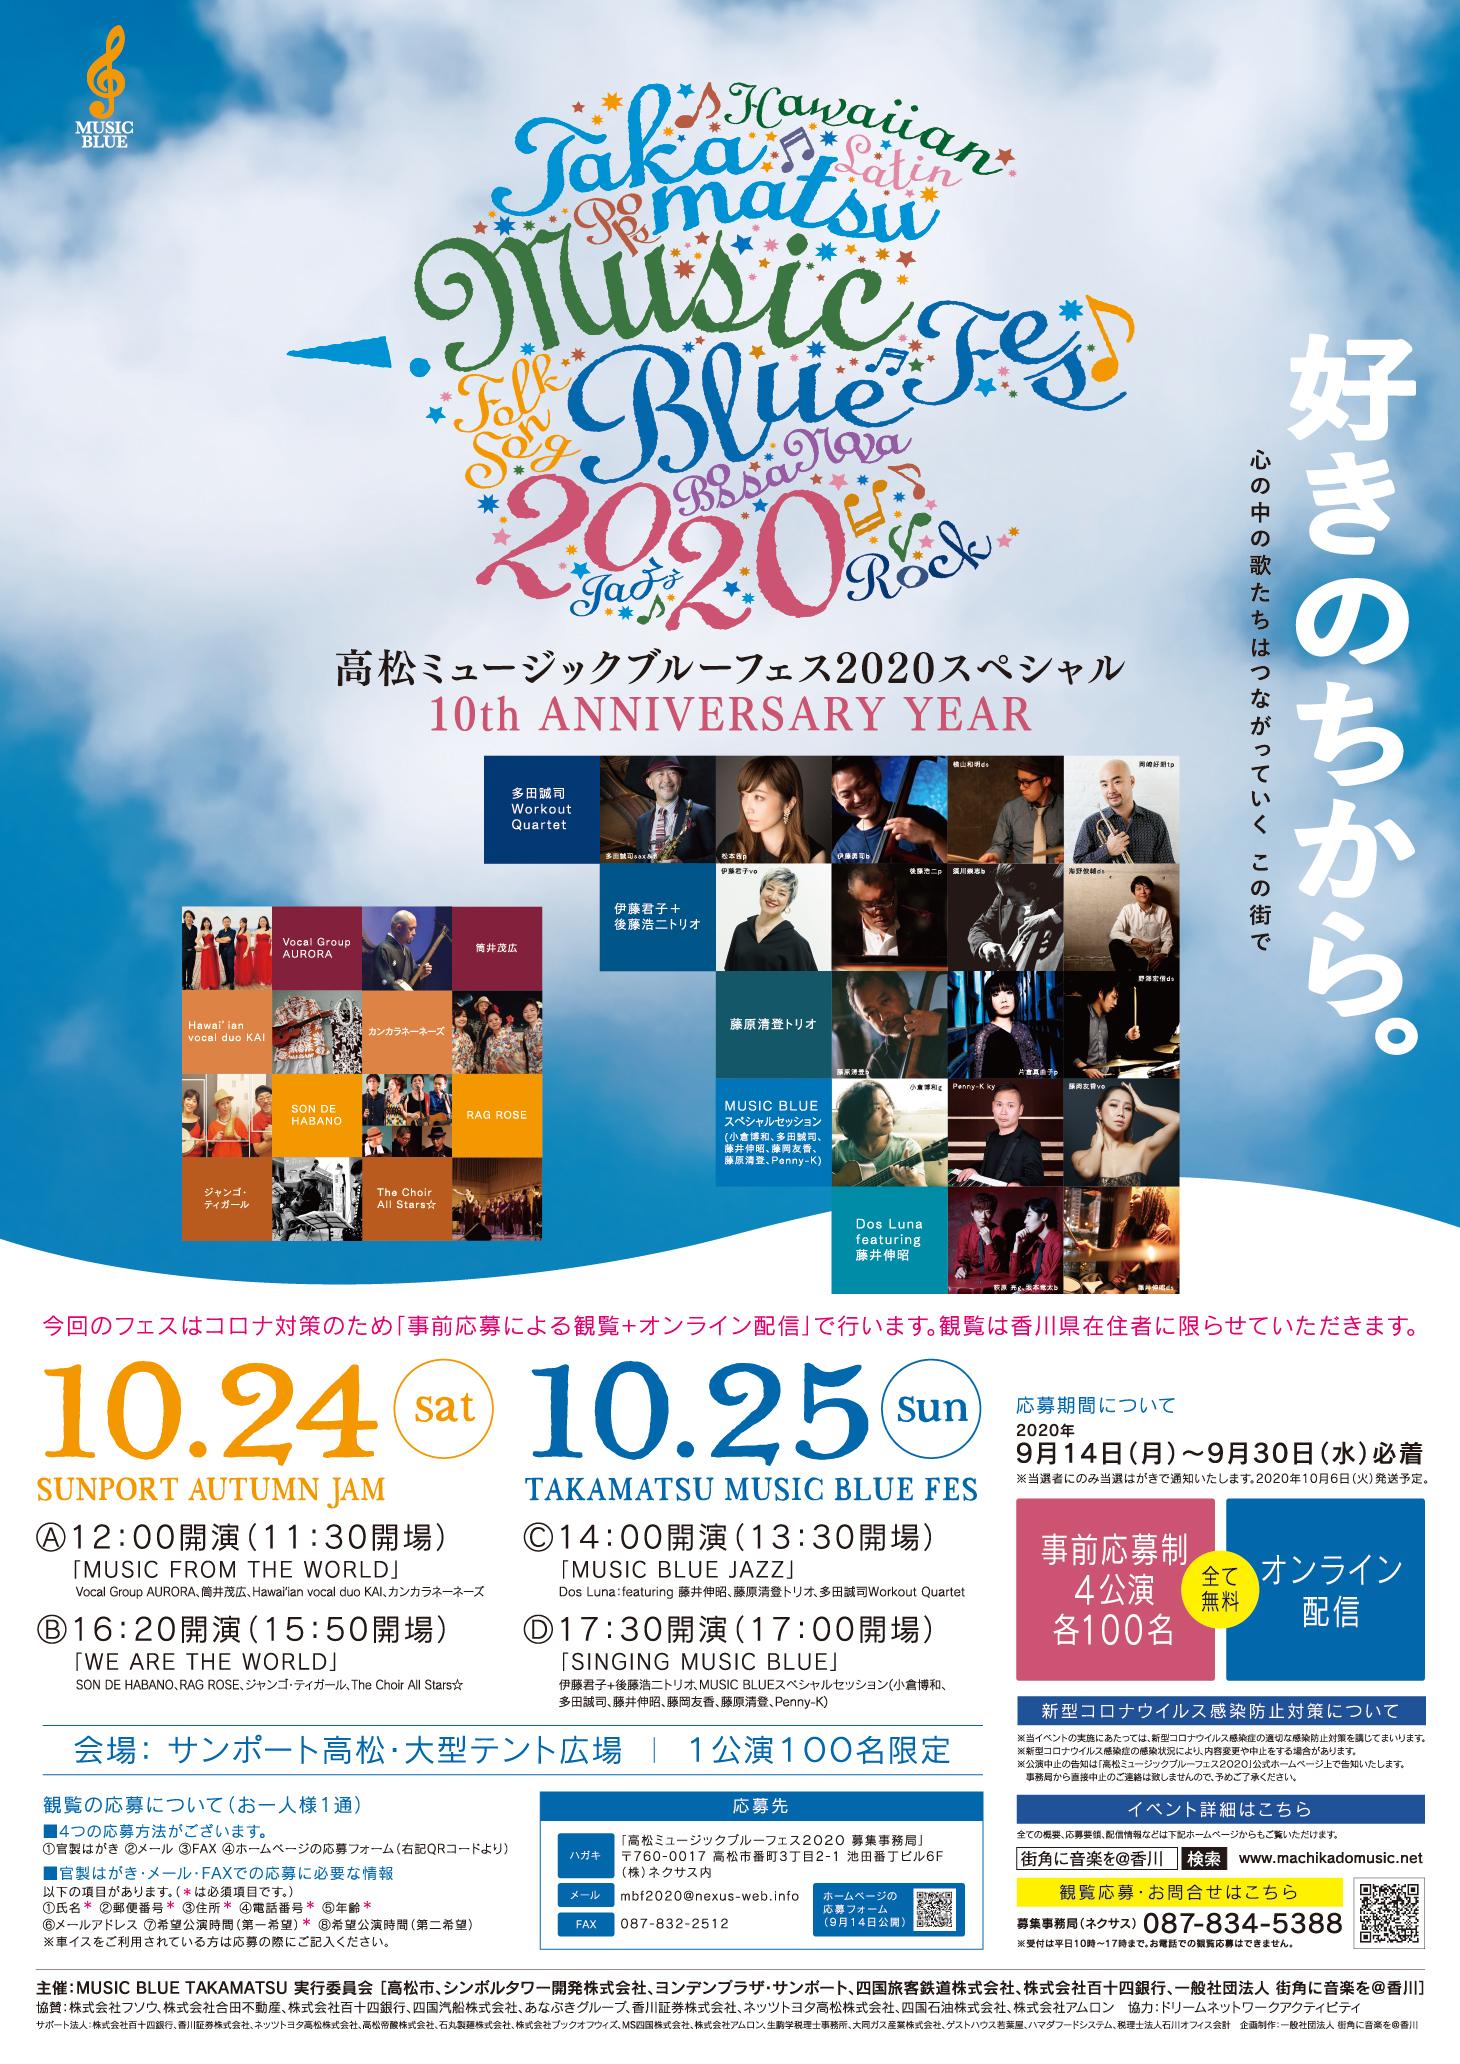 高松ミュージックブルーフェス2020